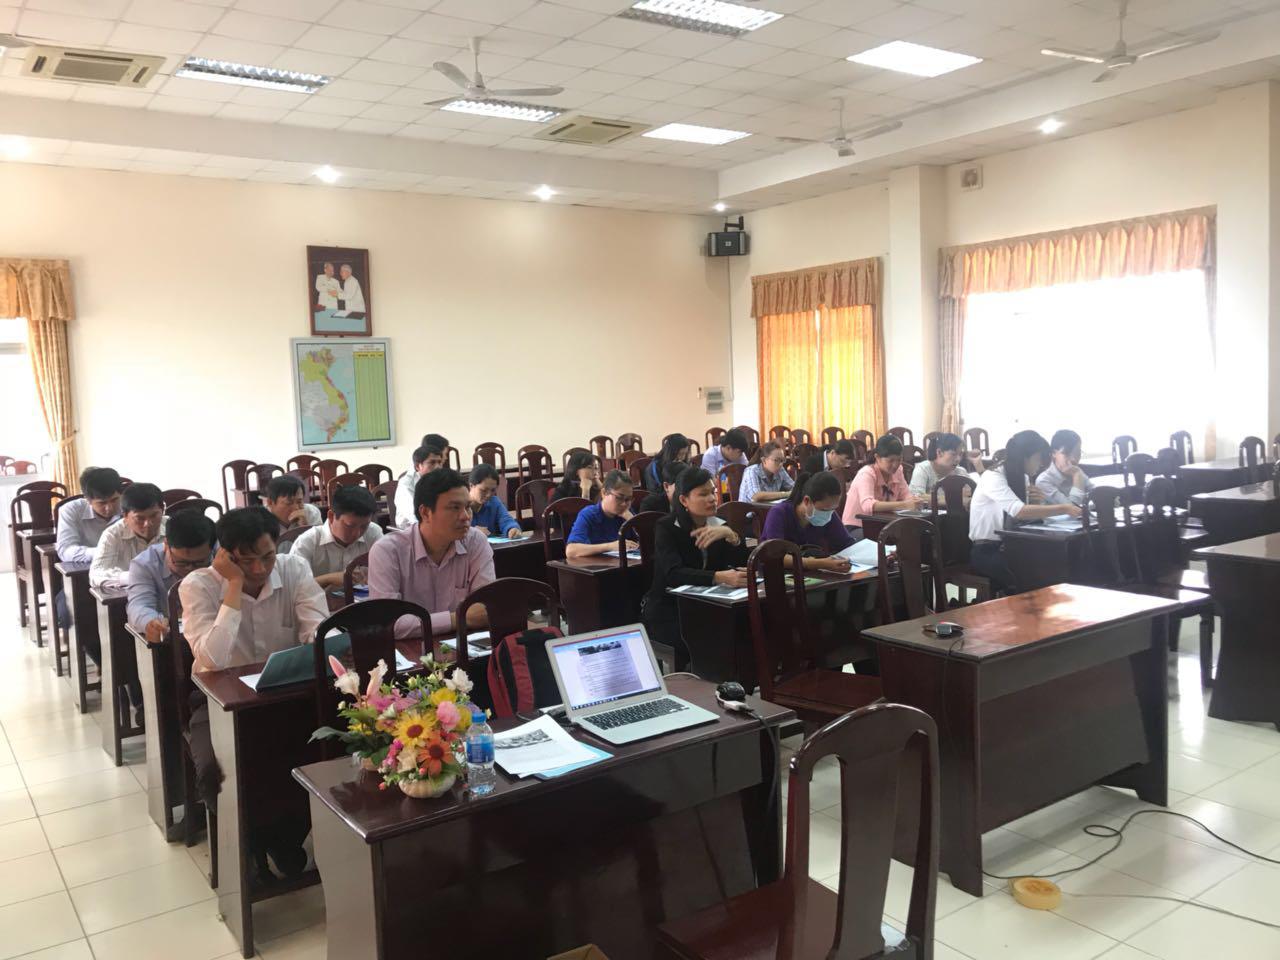 Một buổi đào tạo và hướng dẫn sử dụng hệ thống cho các trường - rường học Tiên tiến Thông minh tỉnh Bình dương